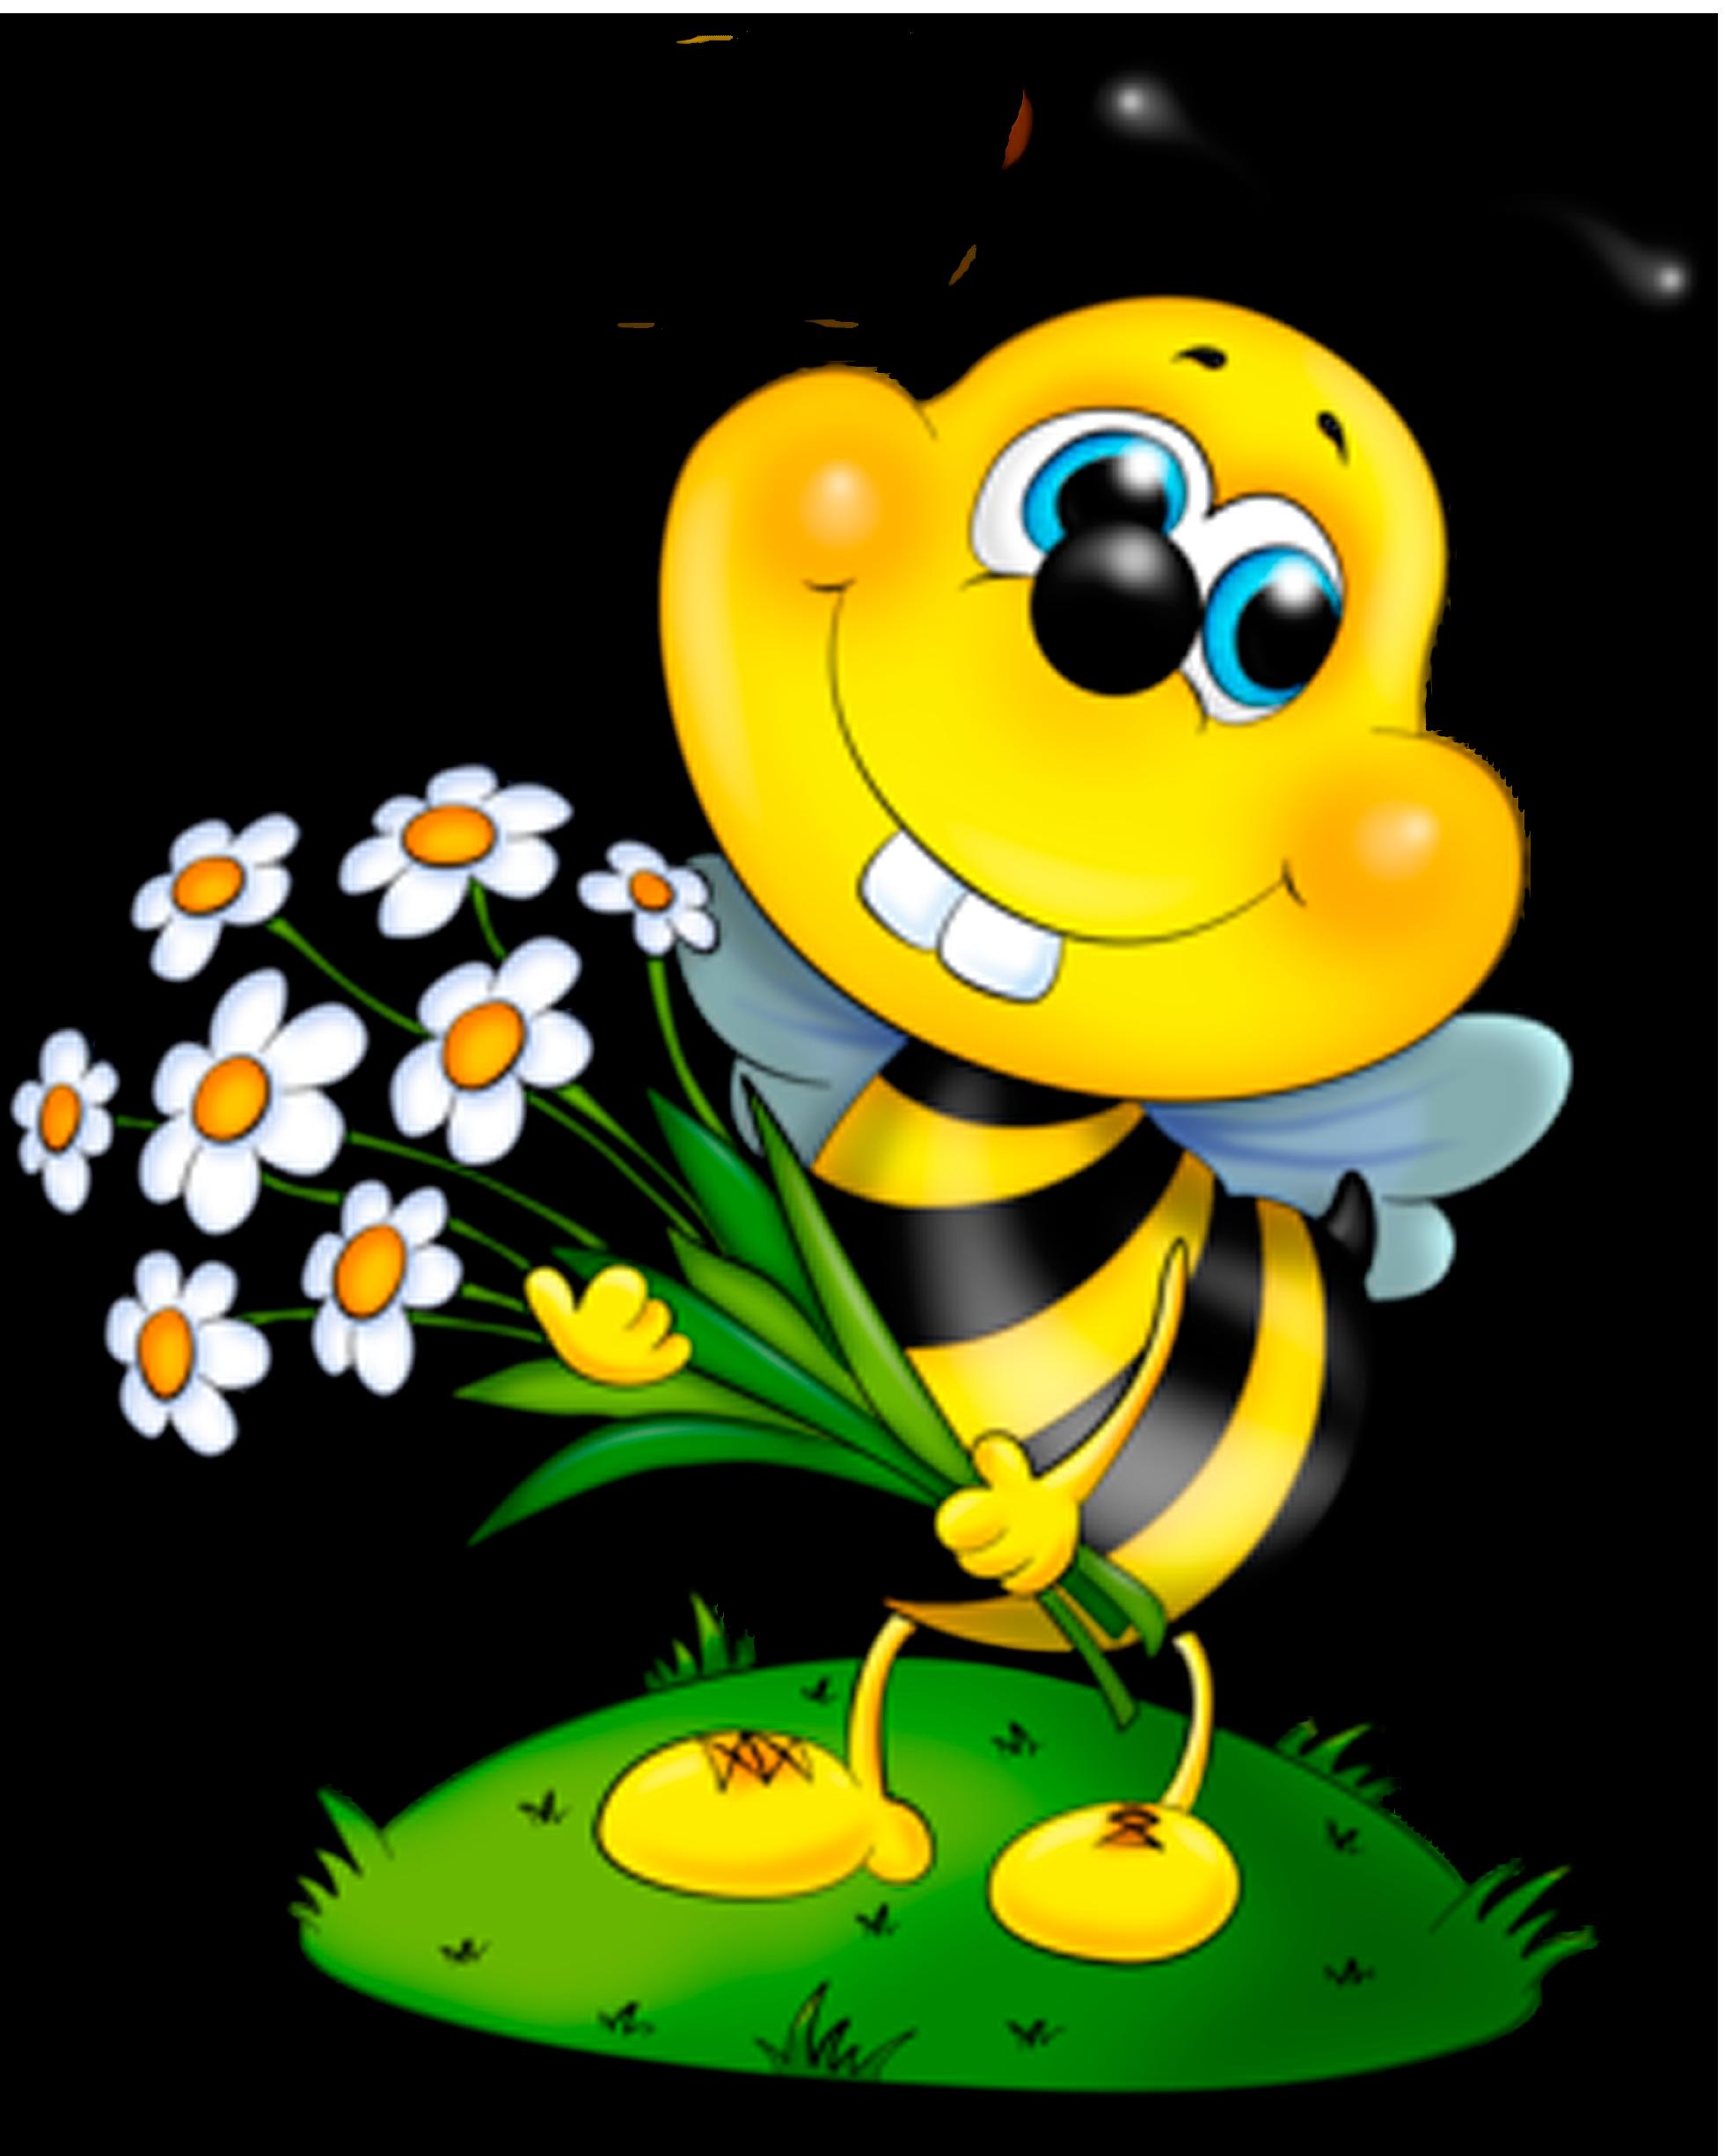 был строг, фото уставшей пчелки сможете сравнить